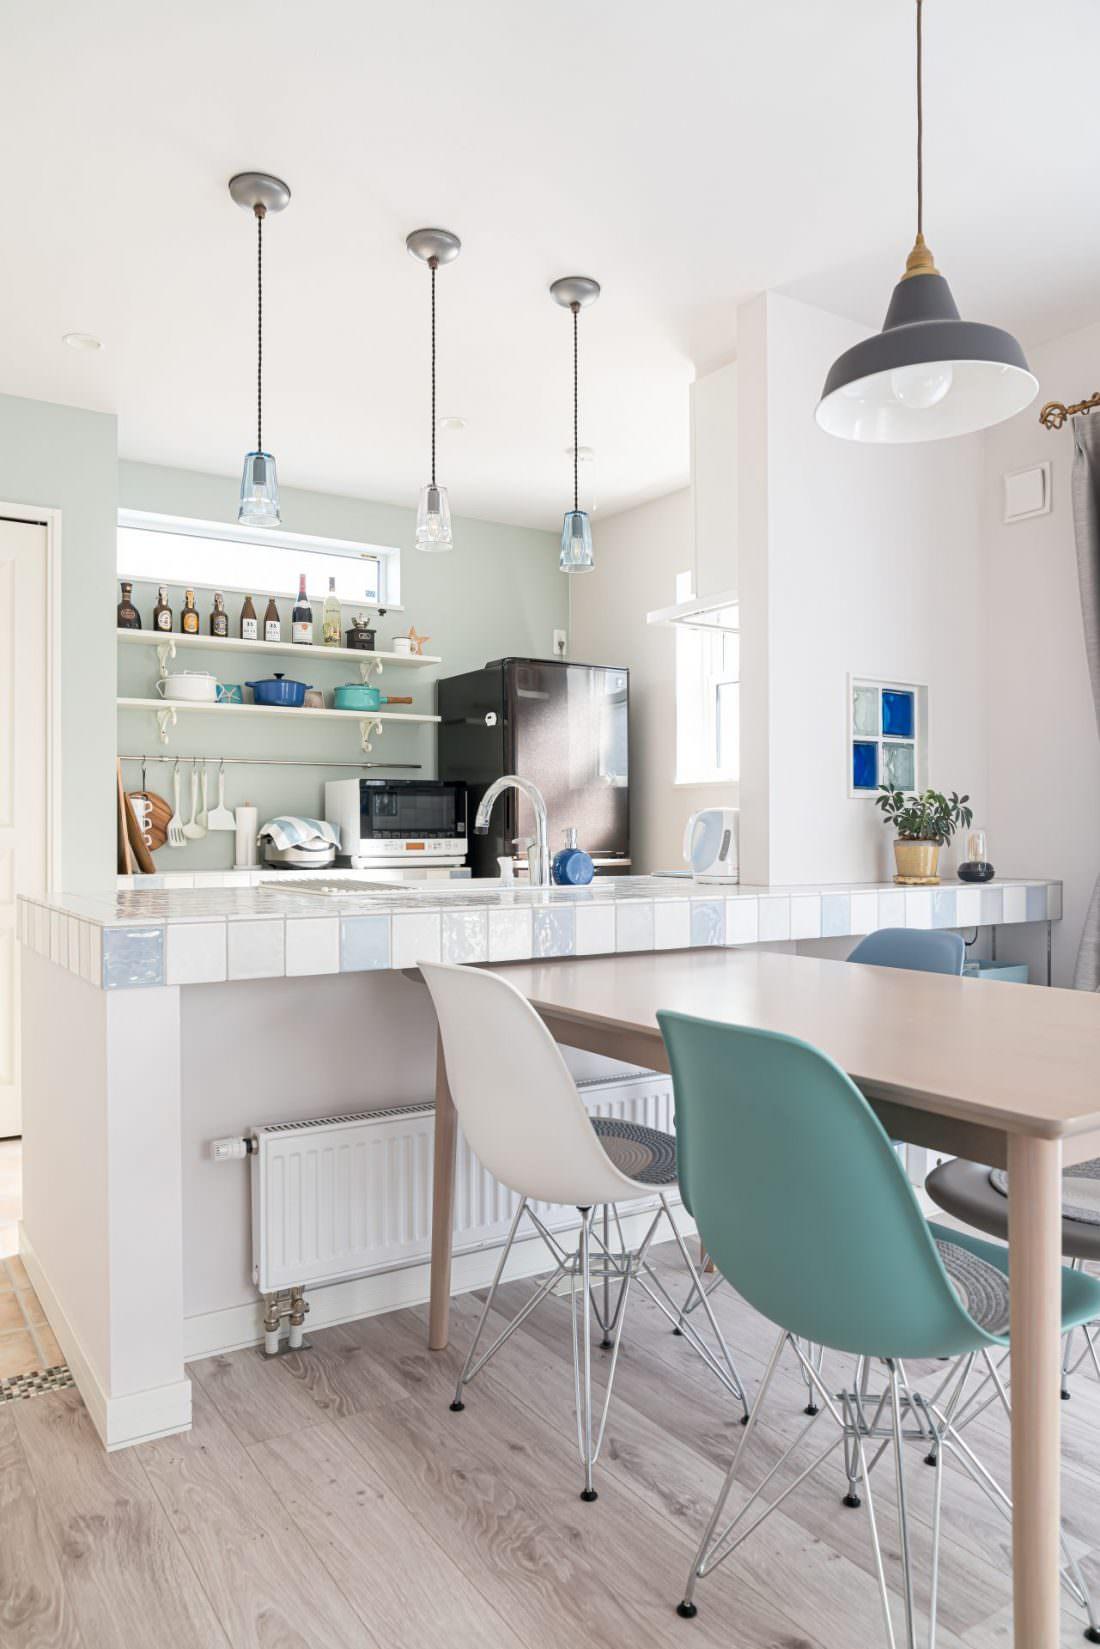 照明やキッチンカラーがトータルコーディネートされたダイニングキッチン